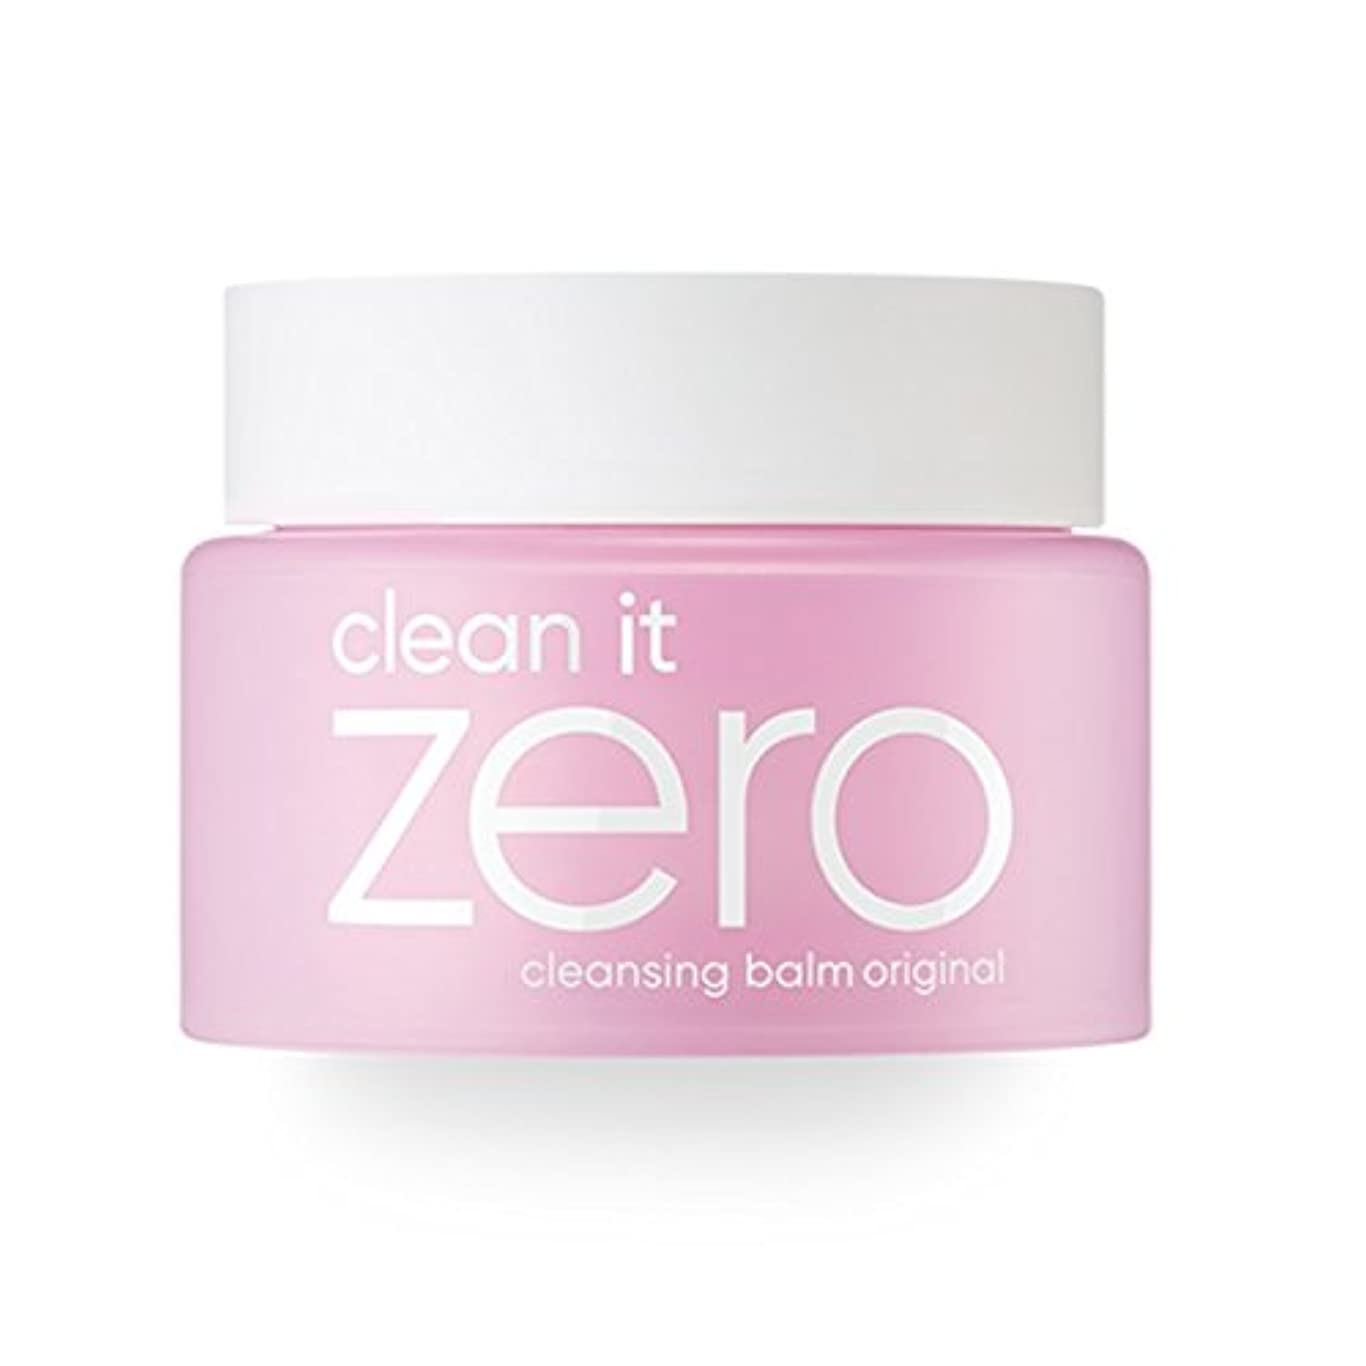 出力注ぎますティームBanila.co クリーン イット ゼロ クレンジングバーム オリジナル / Clean it Zero Cleansing Balm Original (100ml)